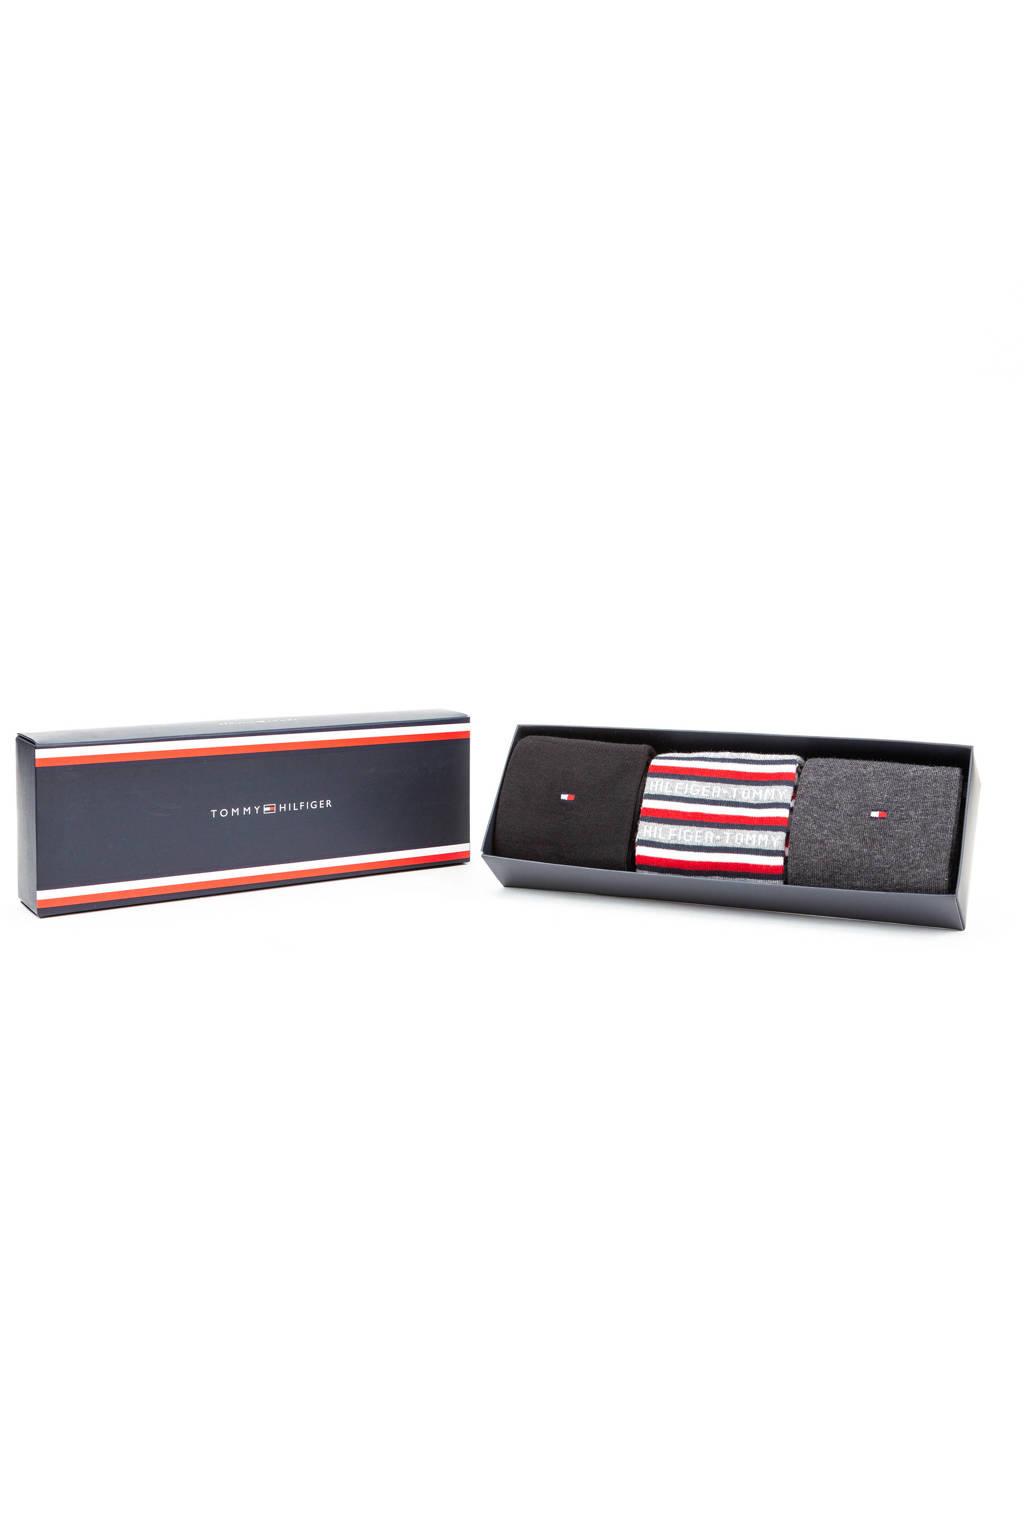 Tommy Hilfiger giftbox sokken zwart (set van 3), Zwart